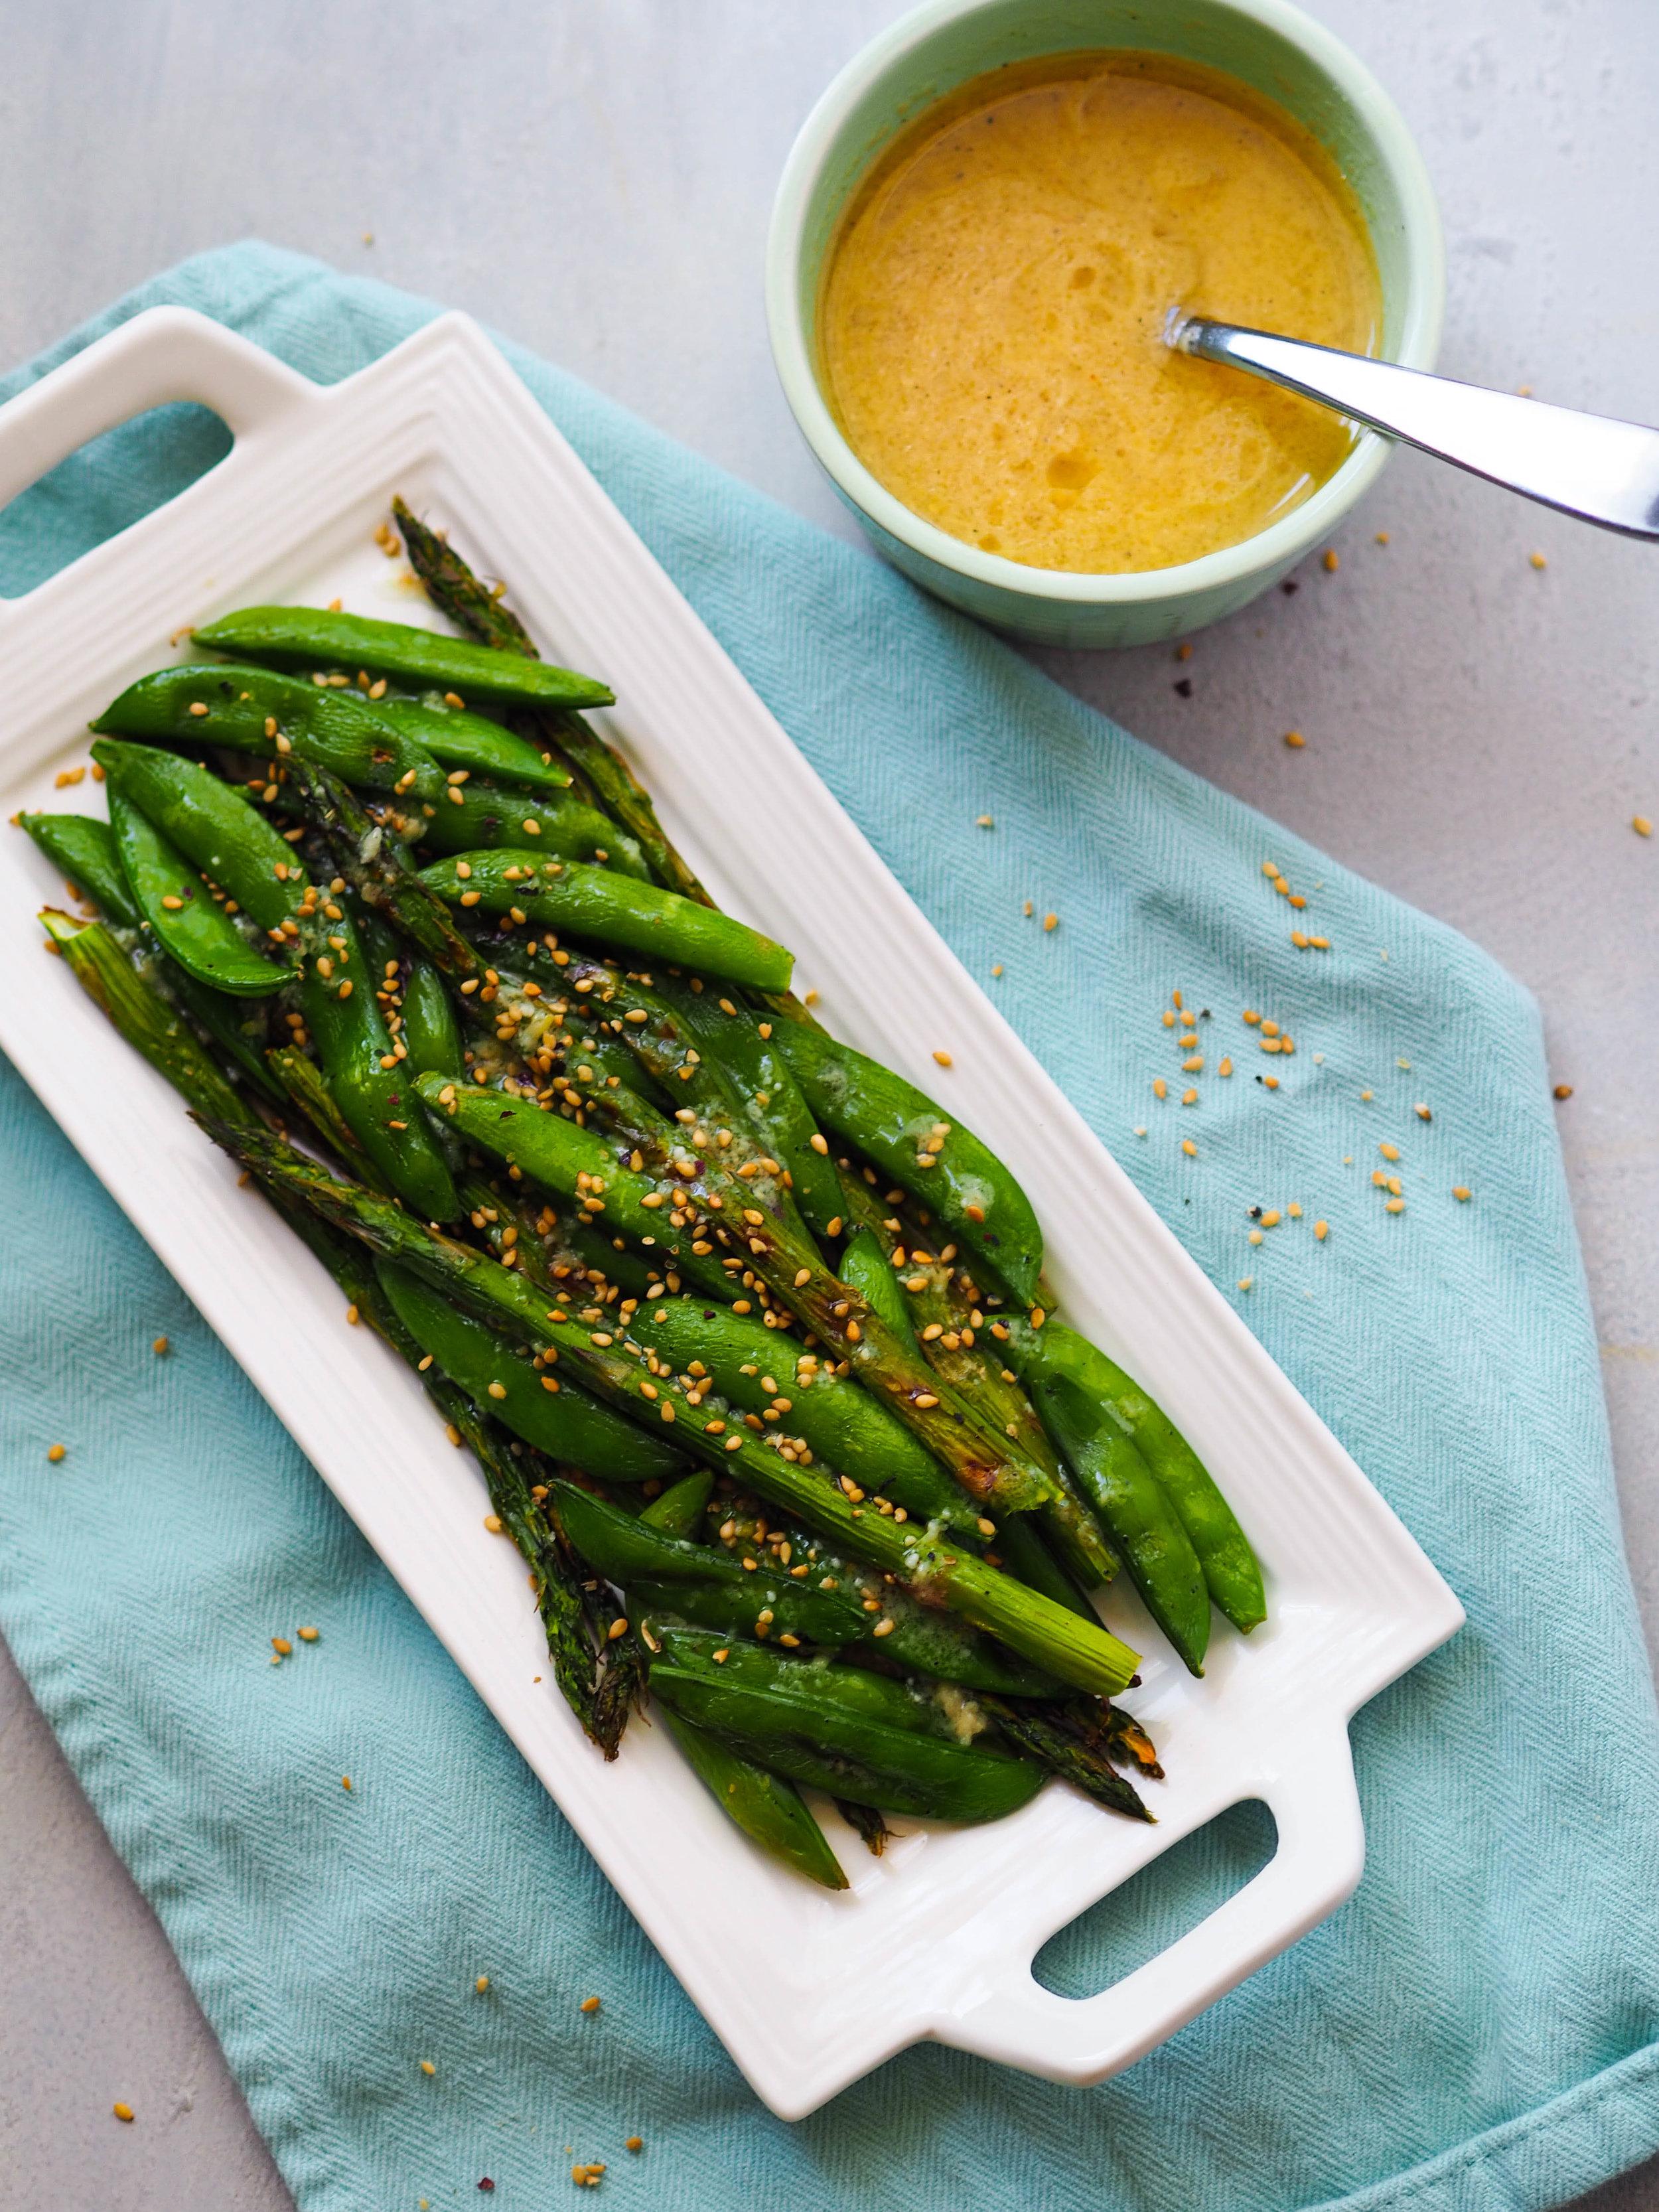 春天来了《绿色的《拉德维拉》》!把土豆和土豆放在烤锅里,然后把烤锅给烤锅,然后用一种烤虾,然后我会用美味的烤锅来吃的东西!##素食####素食#